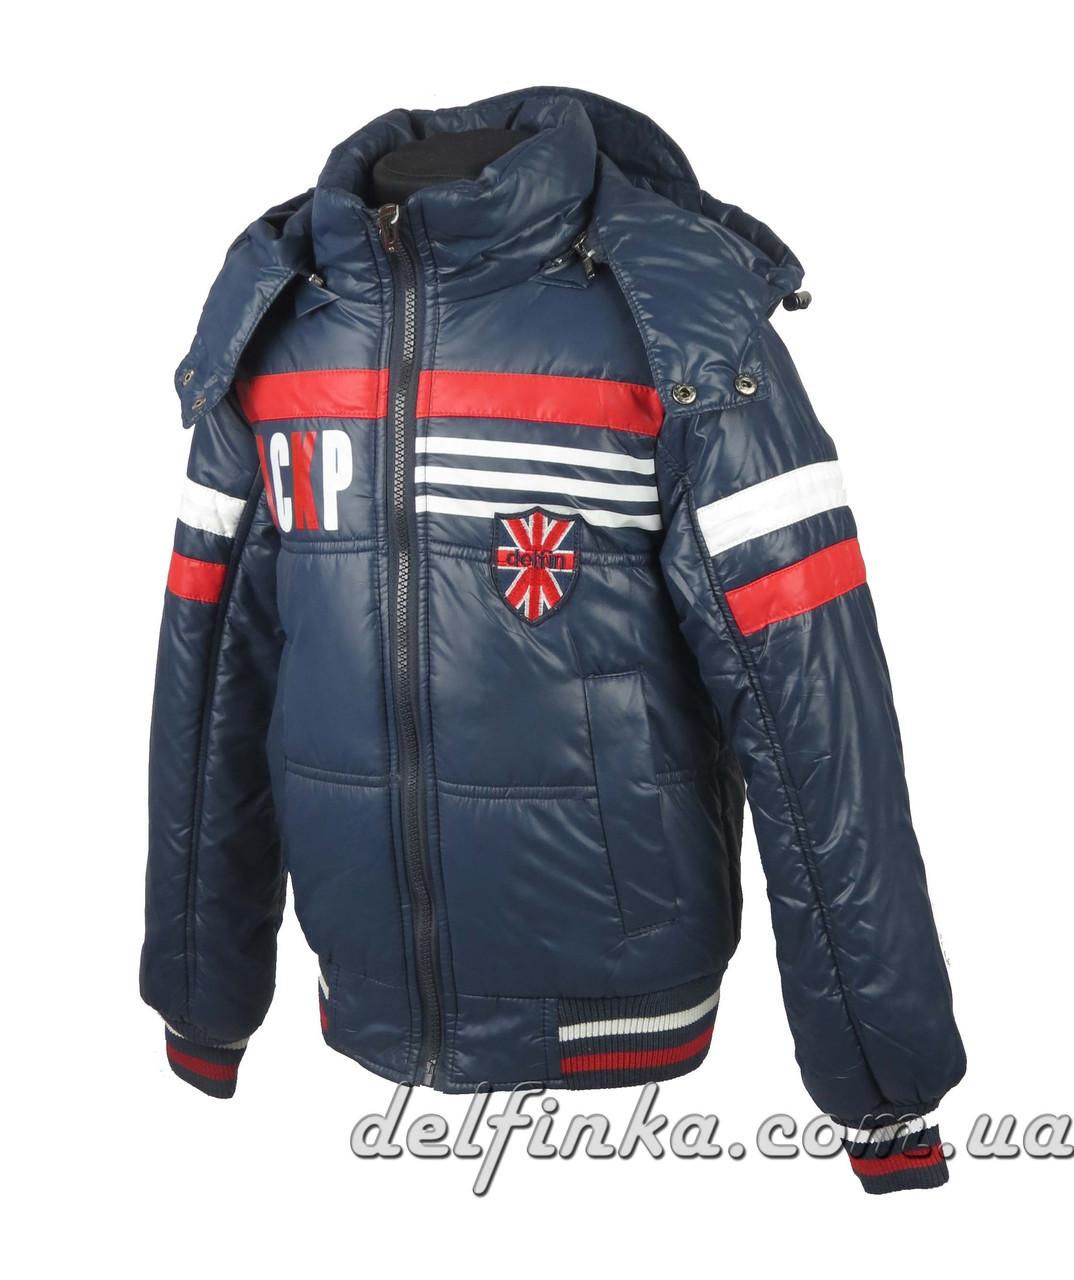 Демисезонная куртка для мальчиков 6-10 лет цвет синий (18-12 джек)